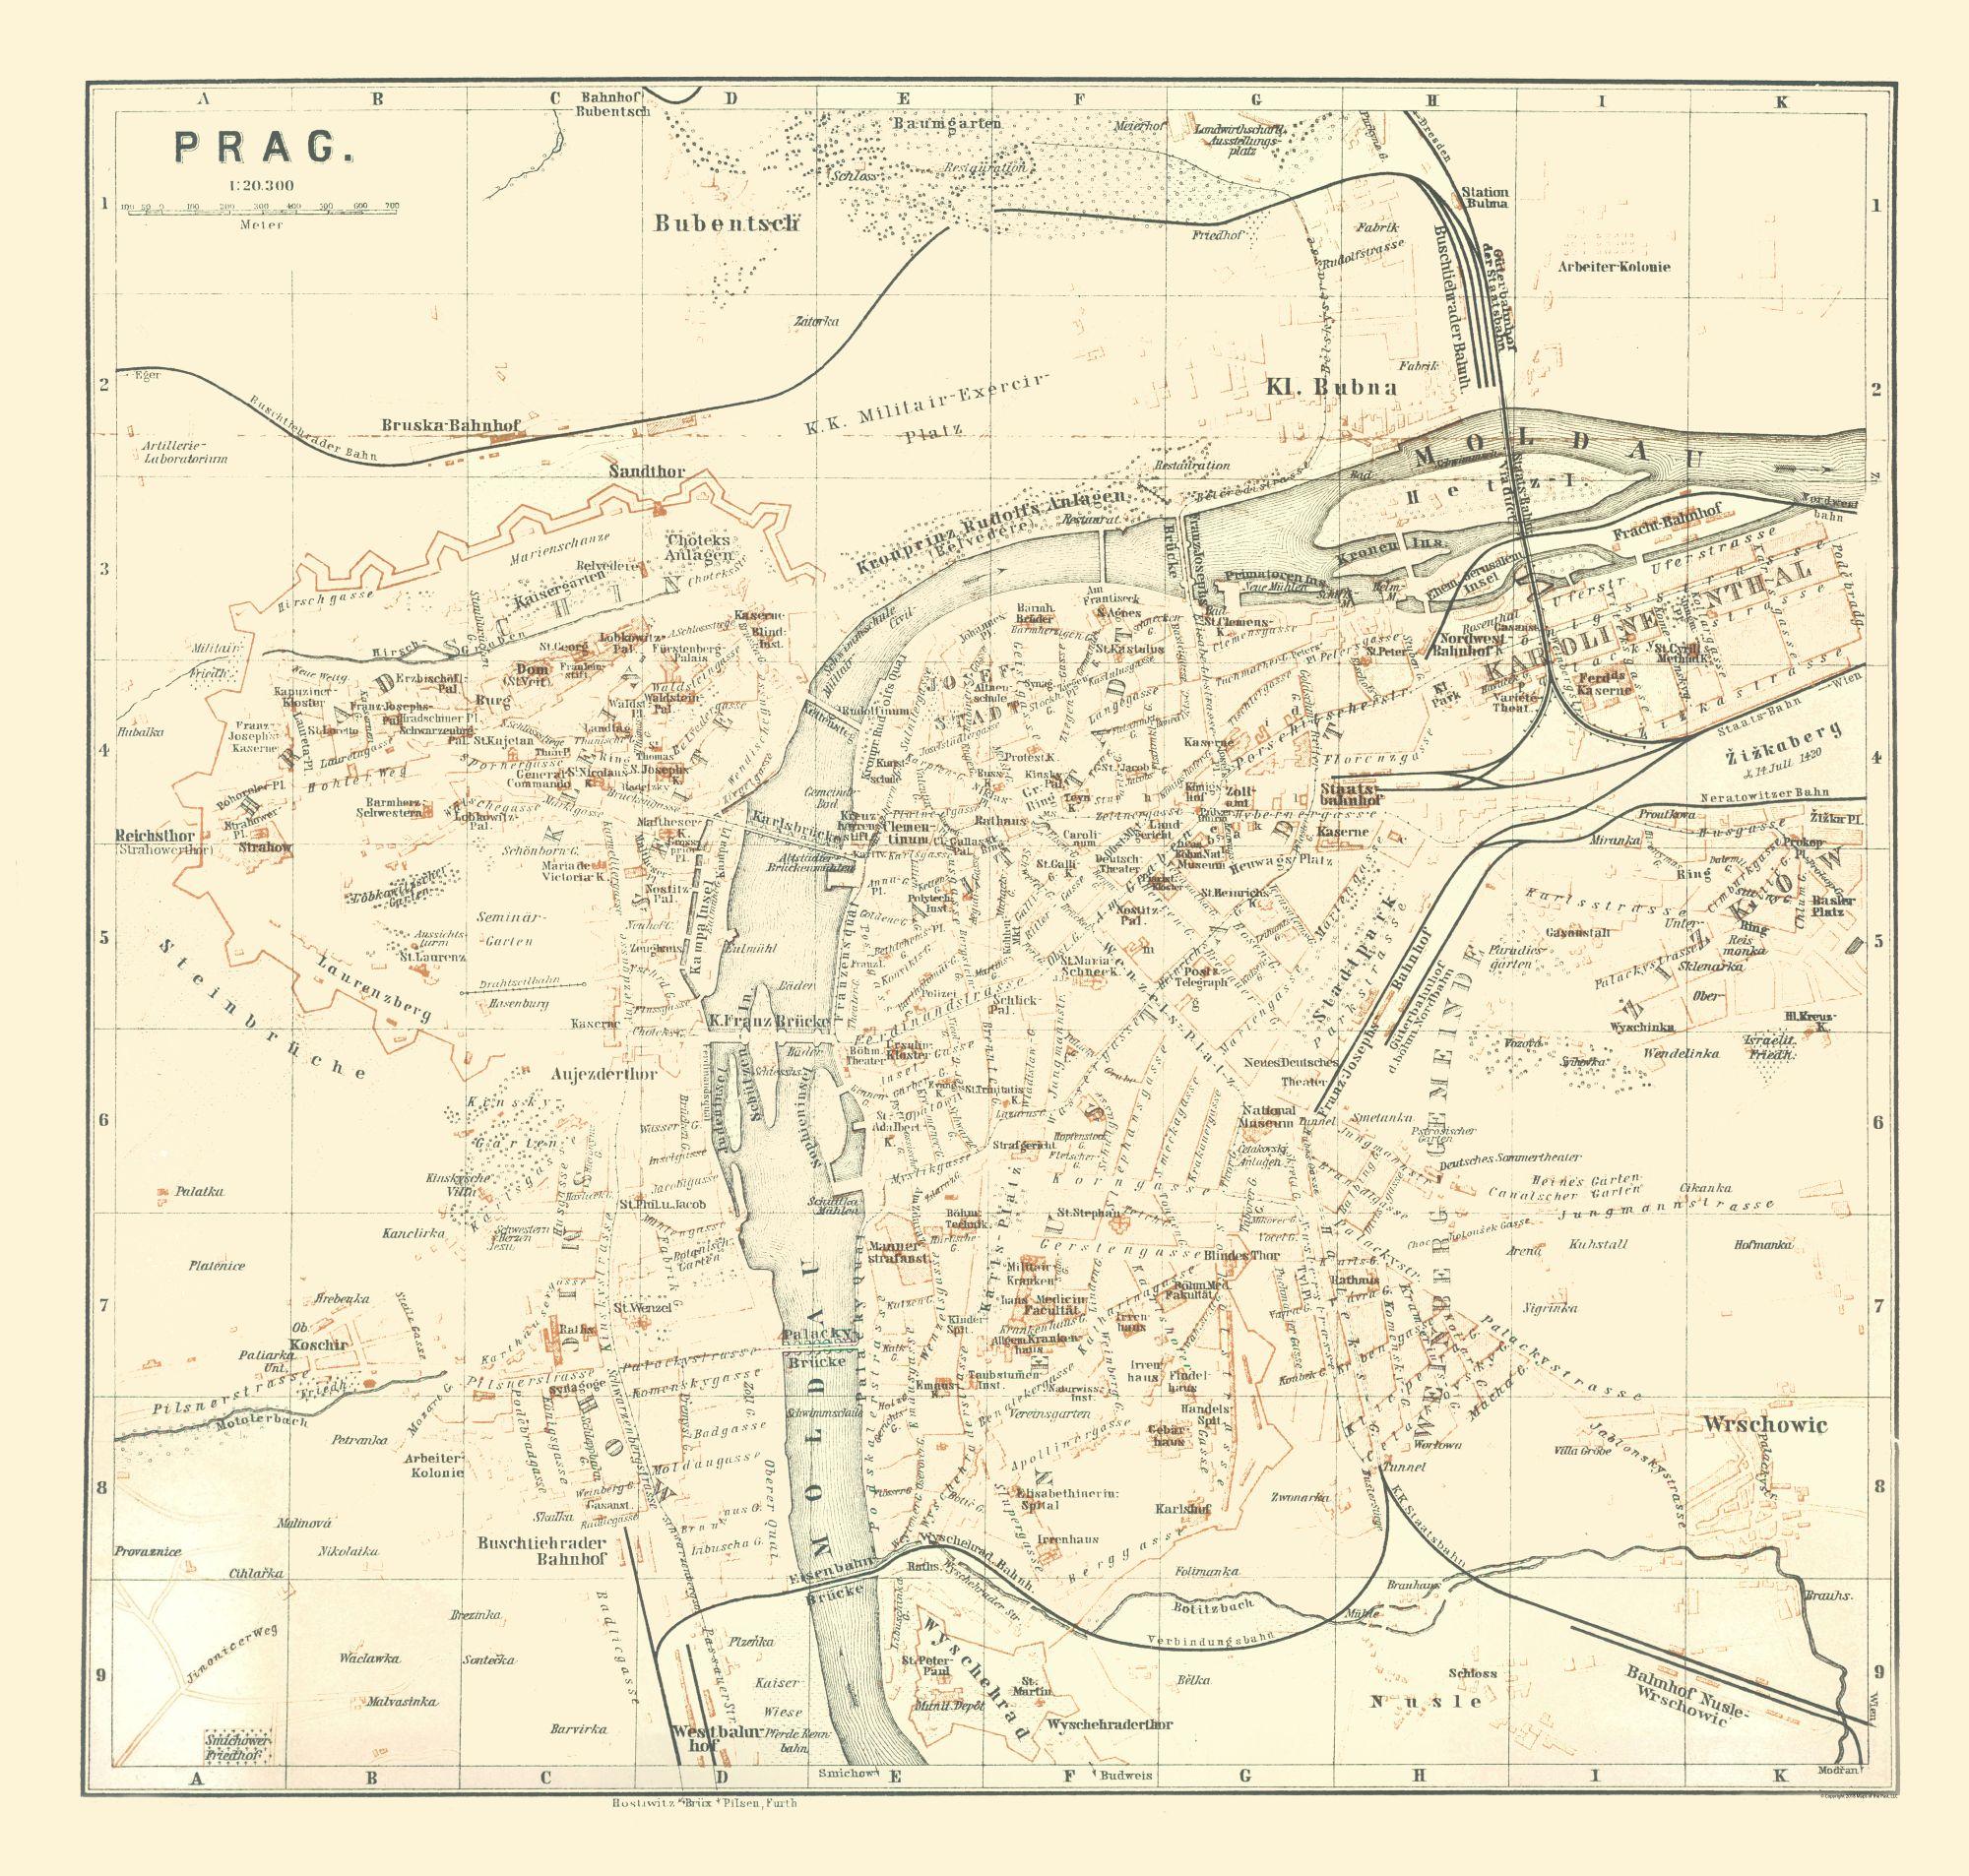 International Map - Prague - Czech Republic - Baedeker 1896 - 24.13 x 23